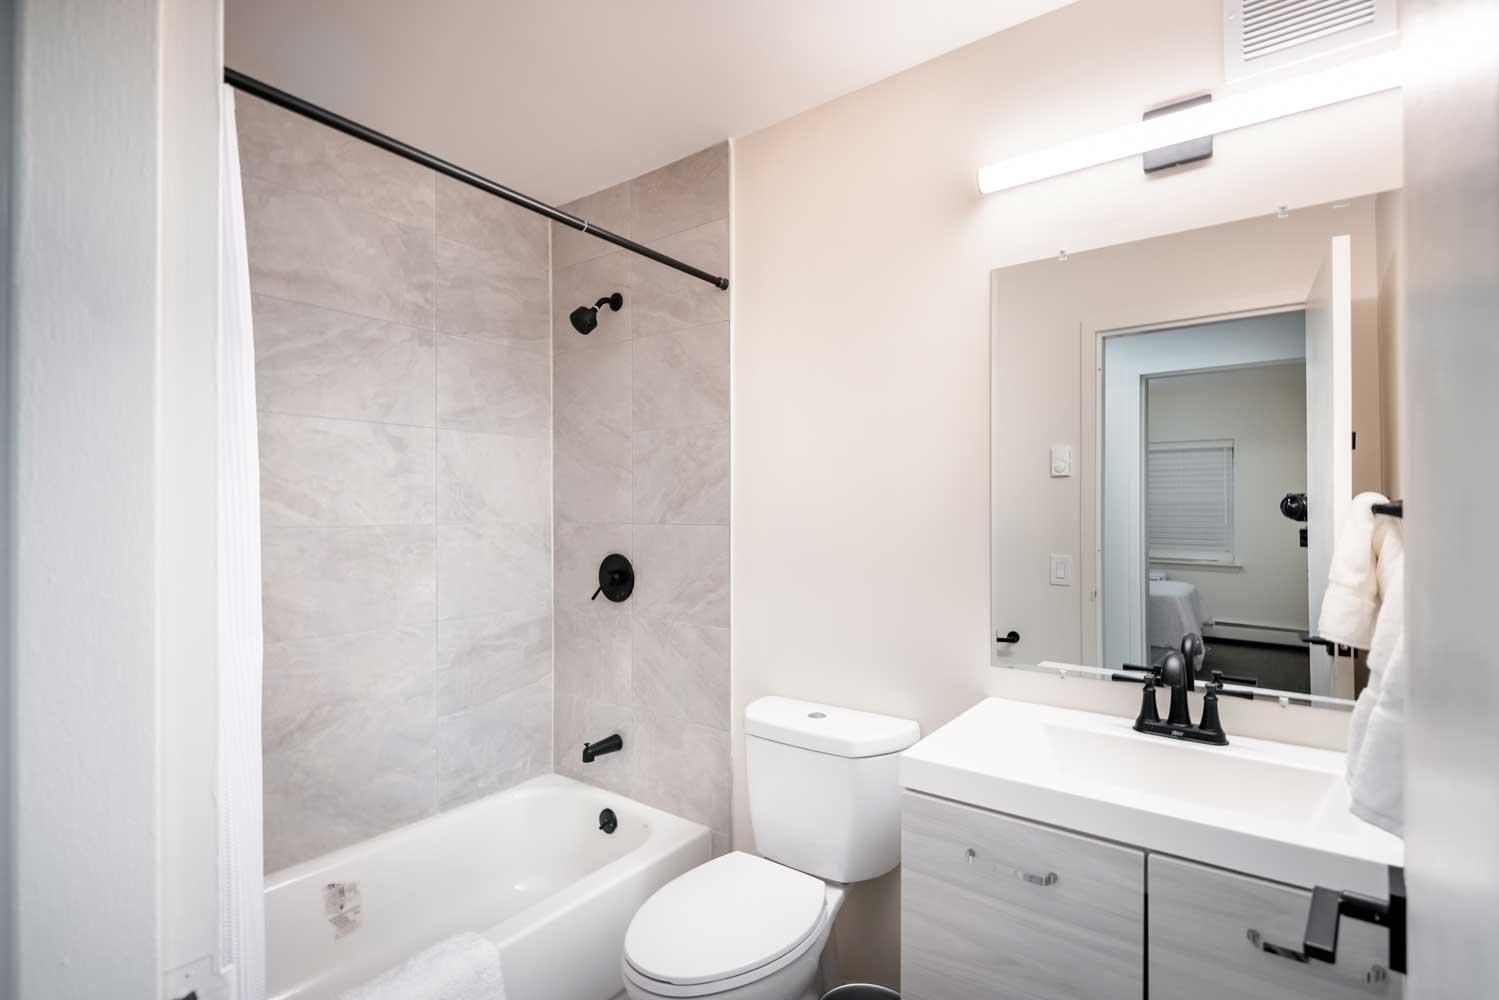 Shower and Tub at River Edge at Nyack Apartments in Nyack, NY